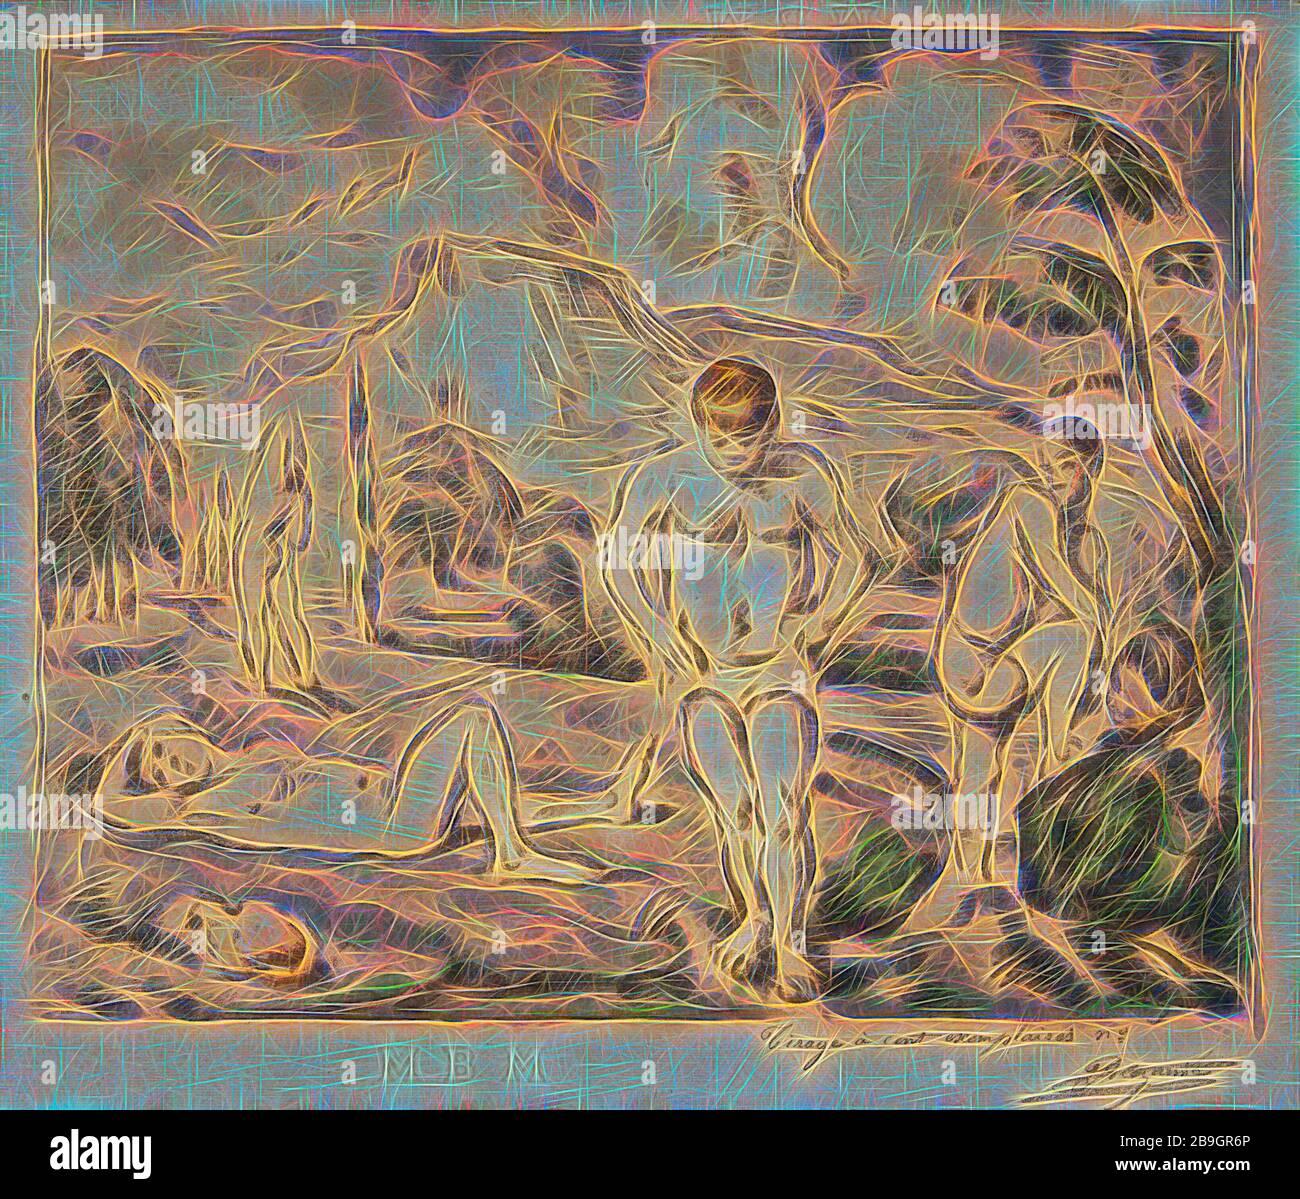 Paul Cézanne, Auguste Clot: Les grands bathers, Paul Cézanne, Auguste Clot, probablement 1898, Lithographe imprimé en plusieurs couleurs sur papier ponté, dans l'ensemble: 19 1/8 x 25 po. (48,6 x 63,5 cm) Banque D'Images